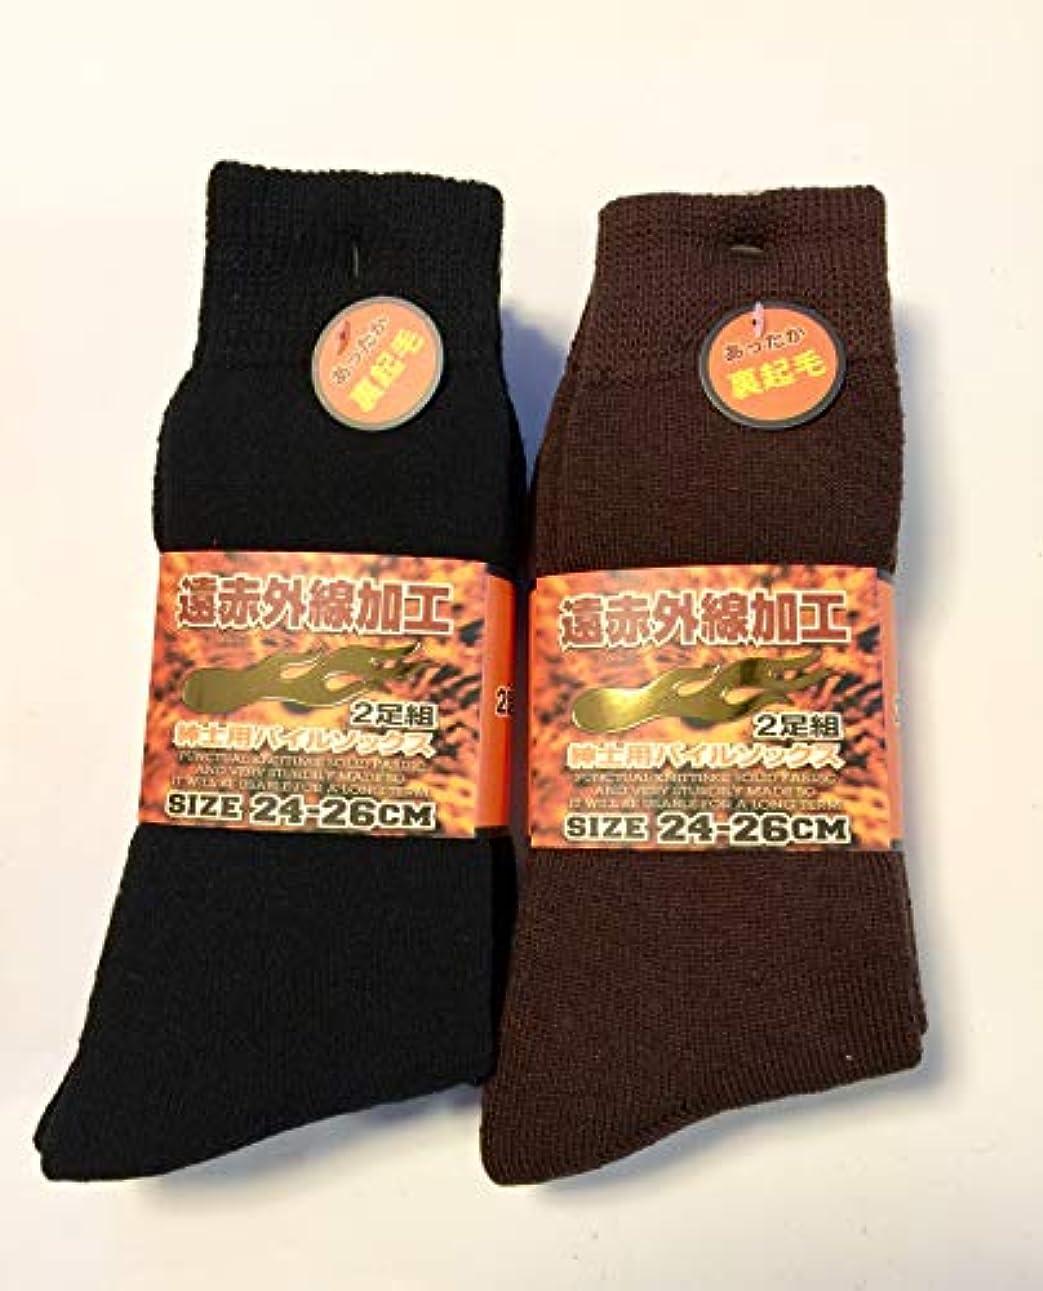 提供する肯定的モルヒネ靴下 メンズ あったか 裏起毛パイルソックス 保温力抜群 遠赤外線加工 24-26cm 4足組 (色はお任せ)